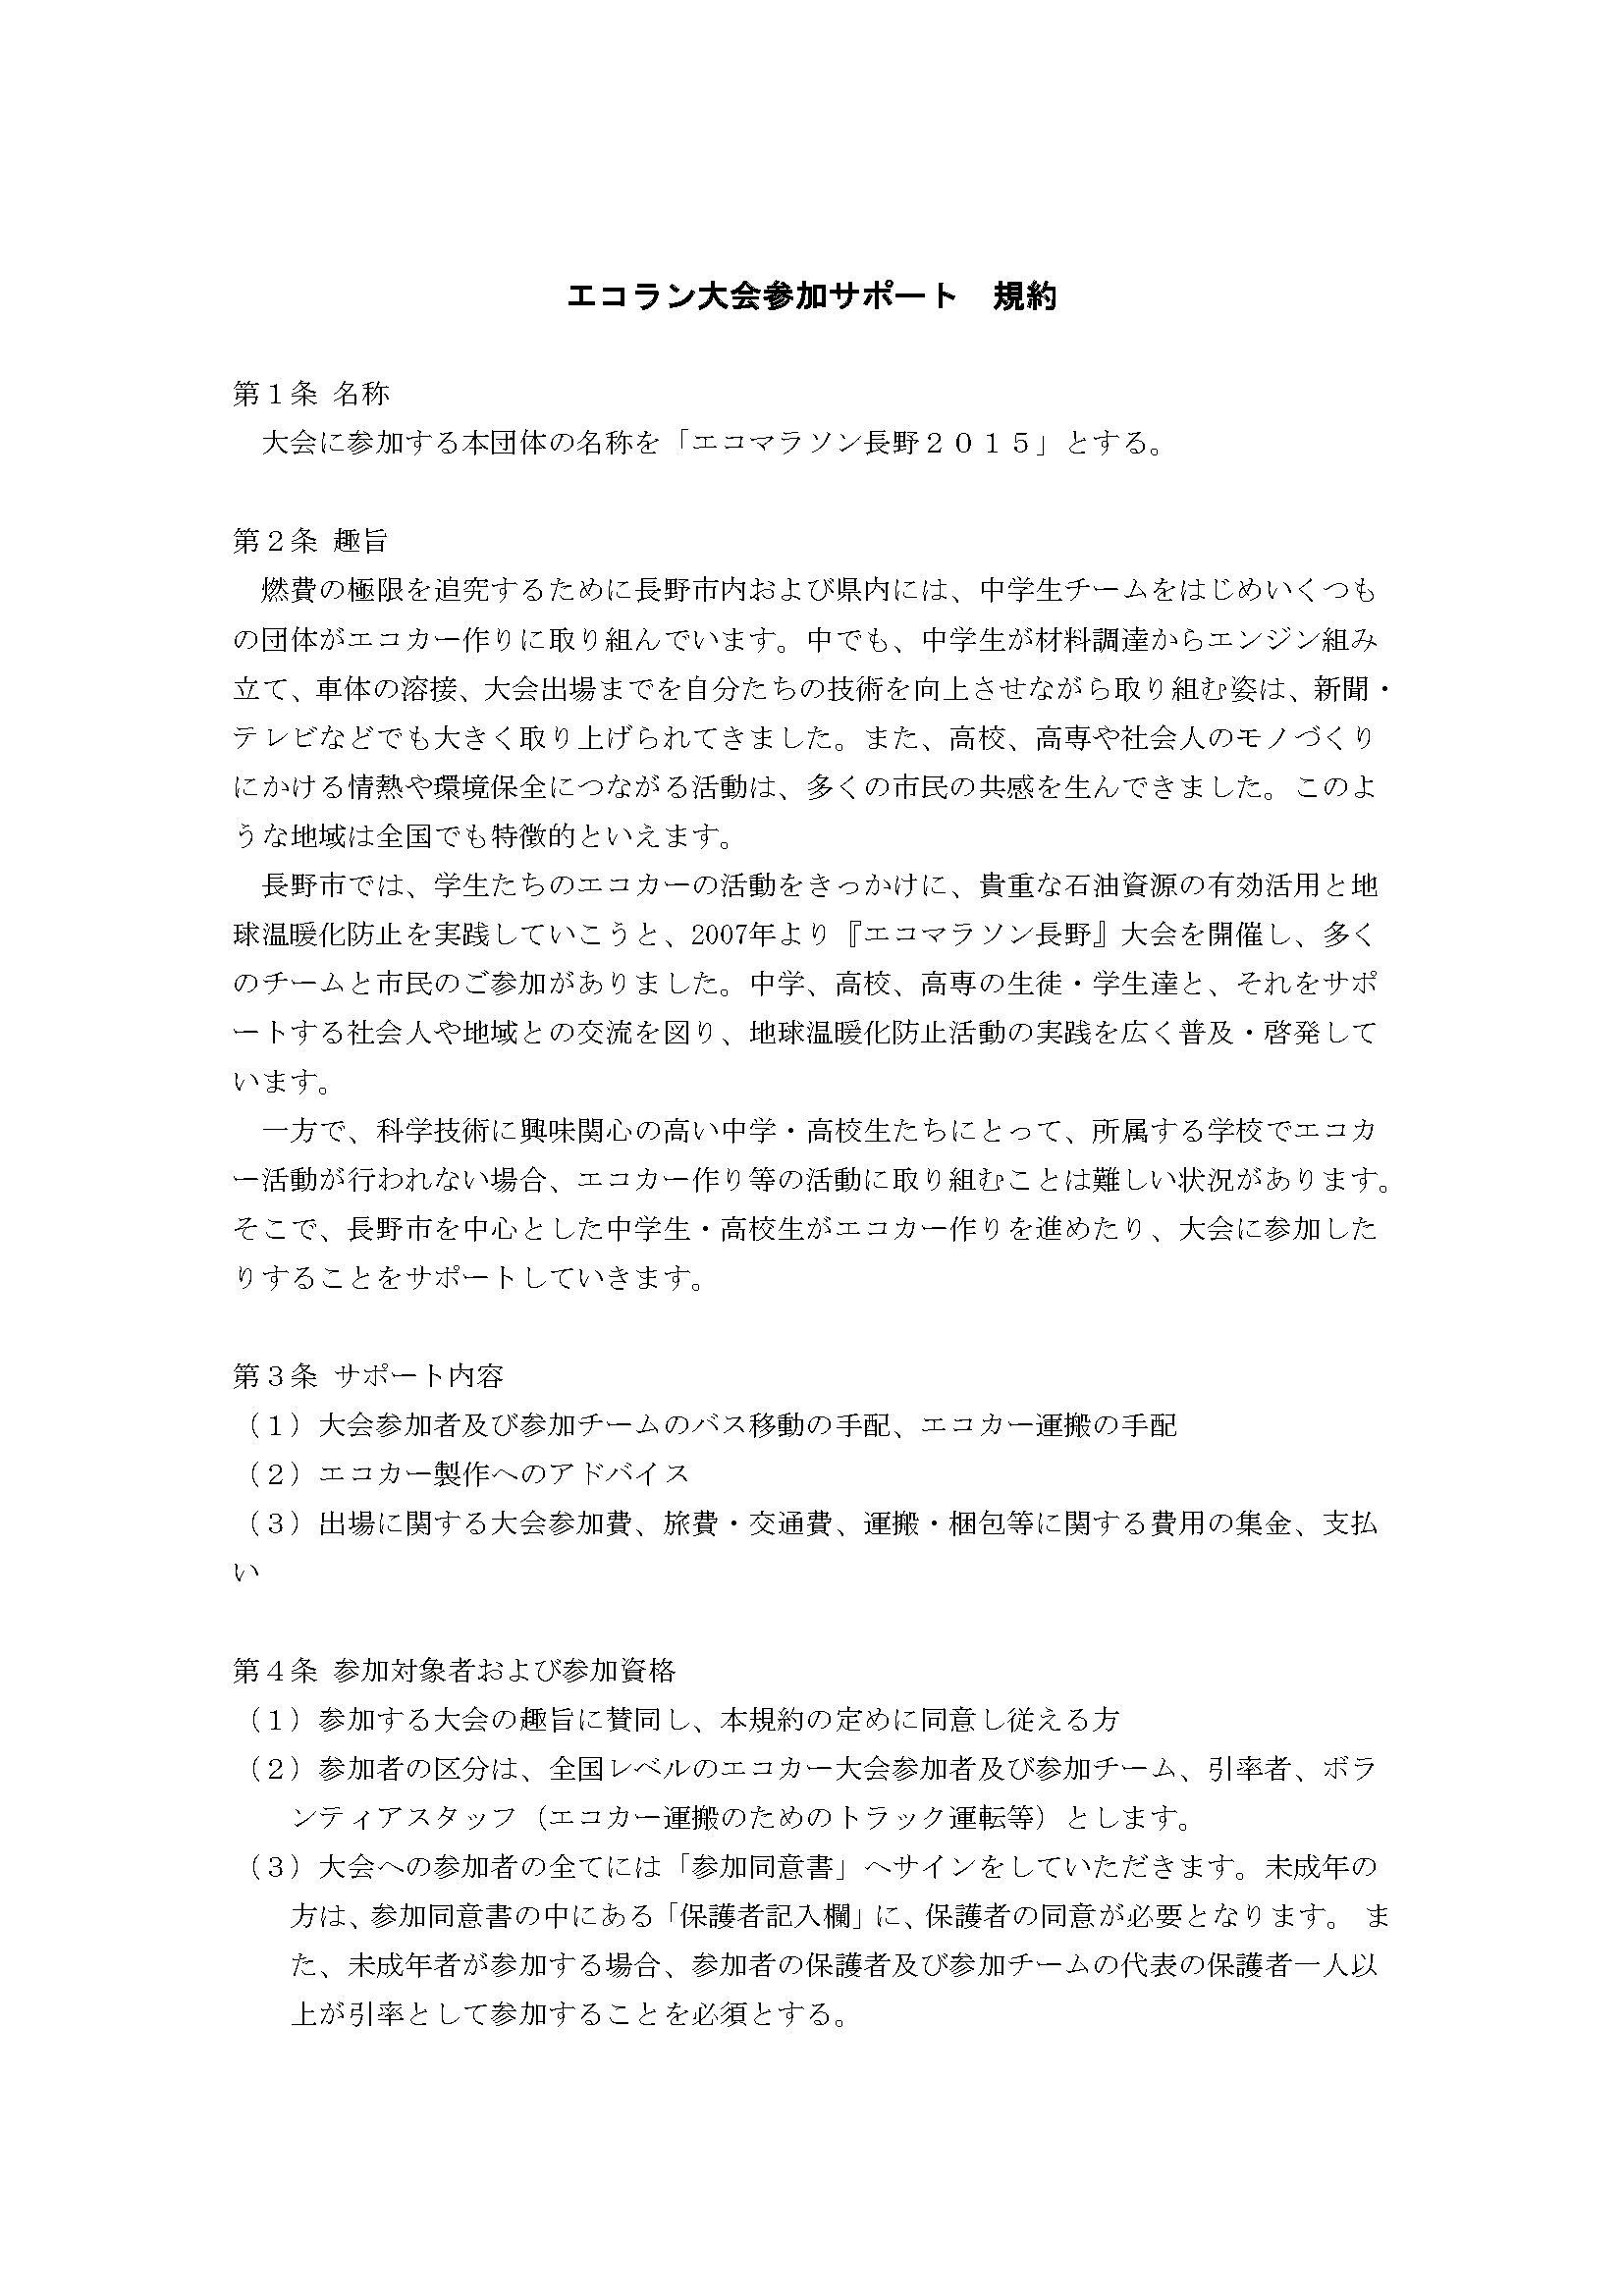 エコラン大会参加サポート規約_150926_ページ_1